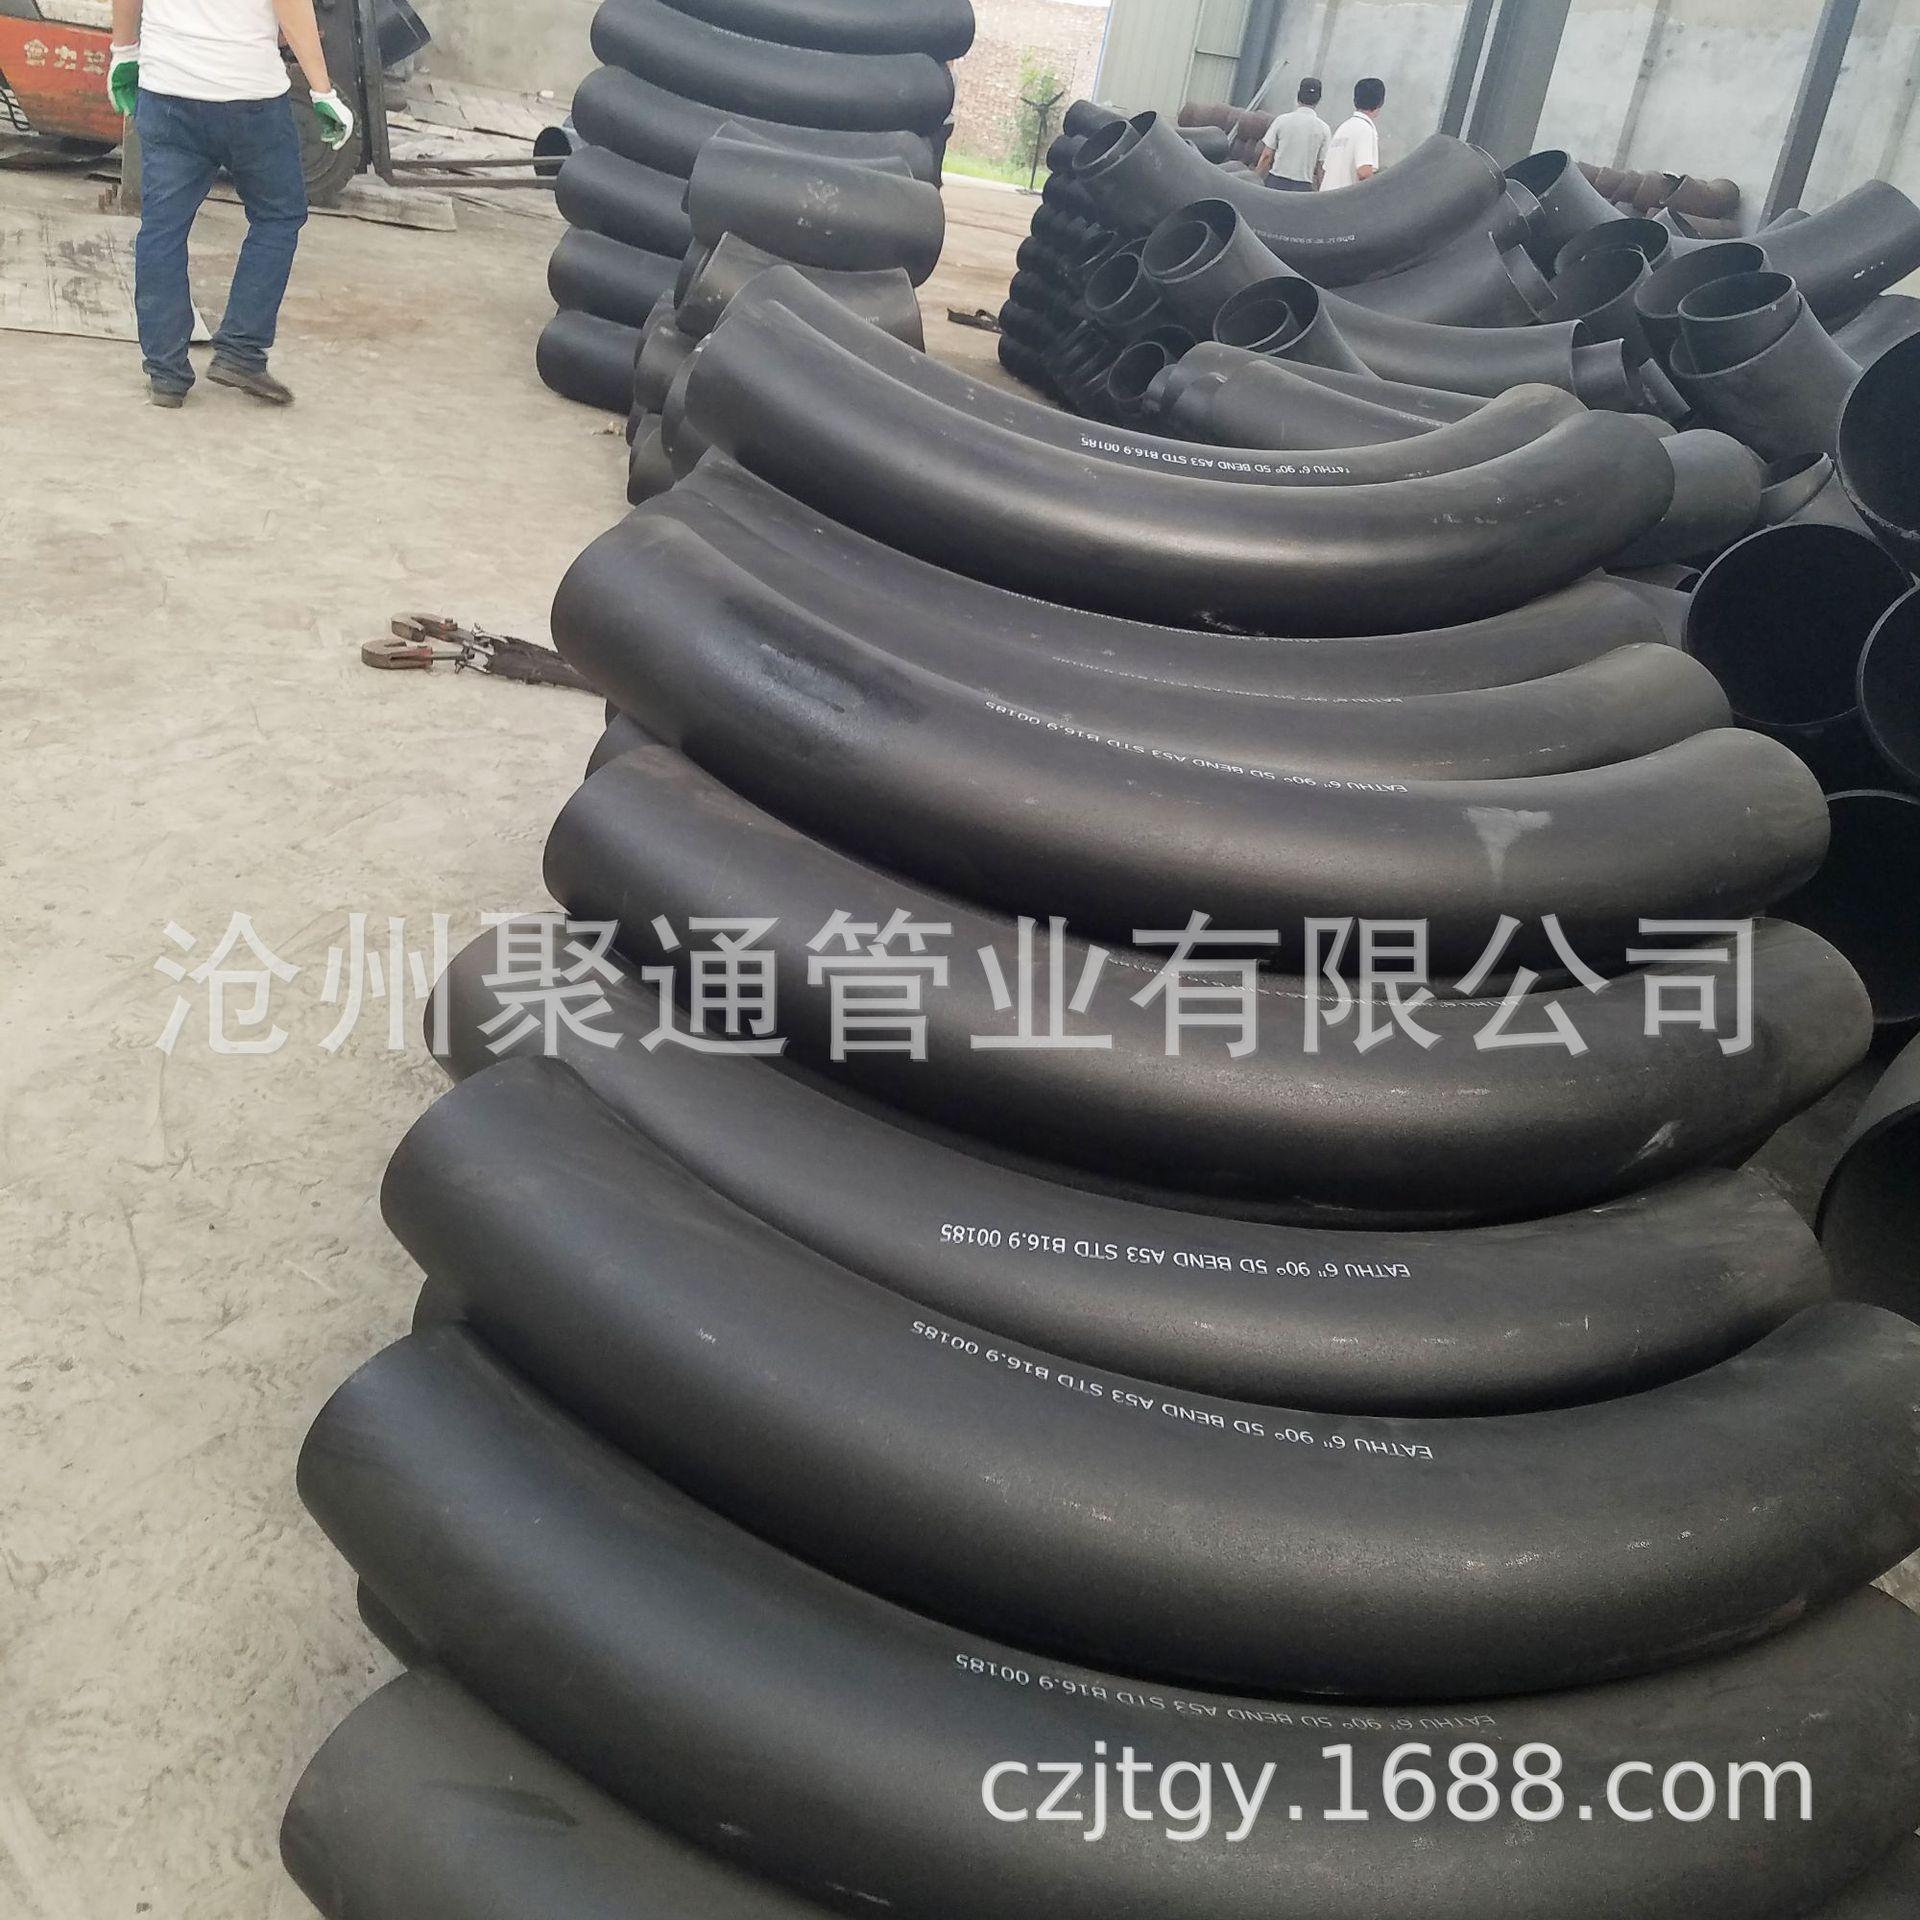 专业供应 碳钢无缝弯头 直缝弯头 国标弯头 工业级冲压焊接弯头